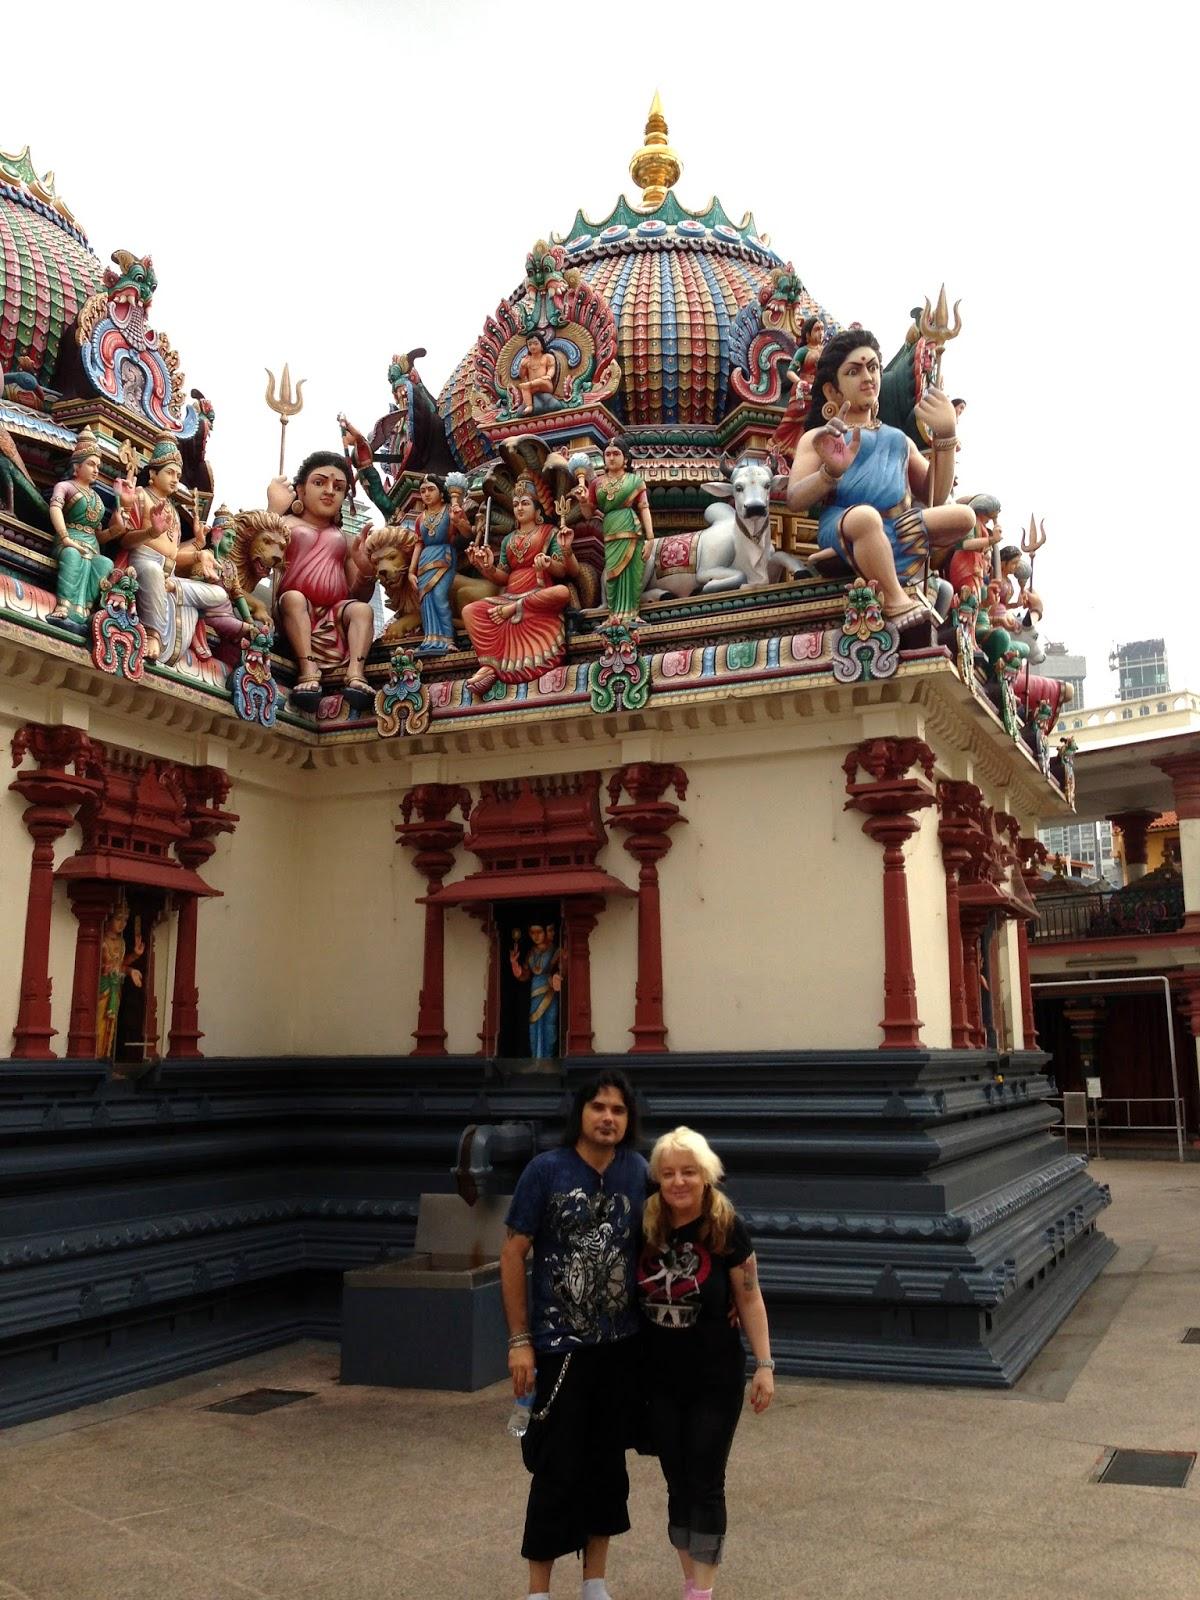 Templo Sri Mariamman Singapur